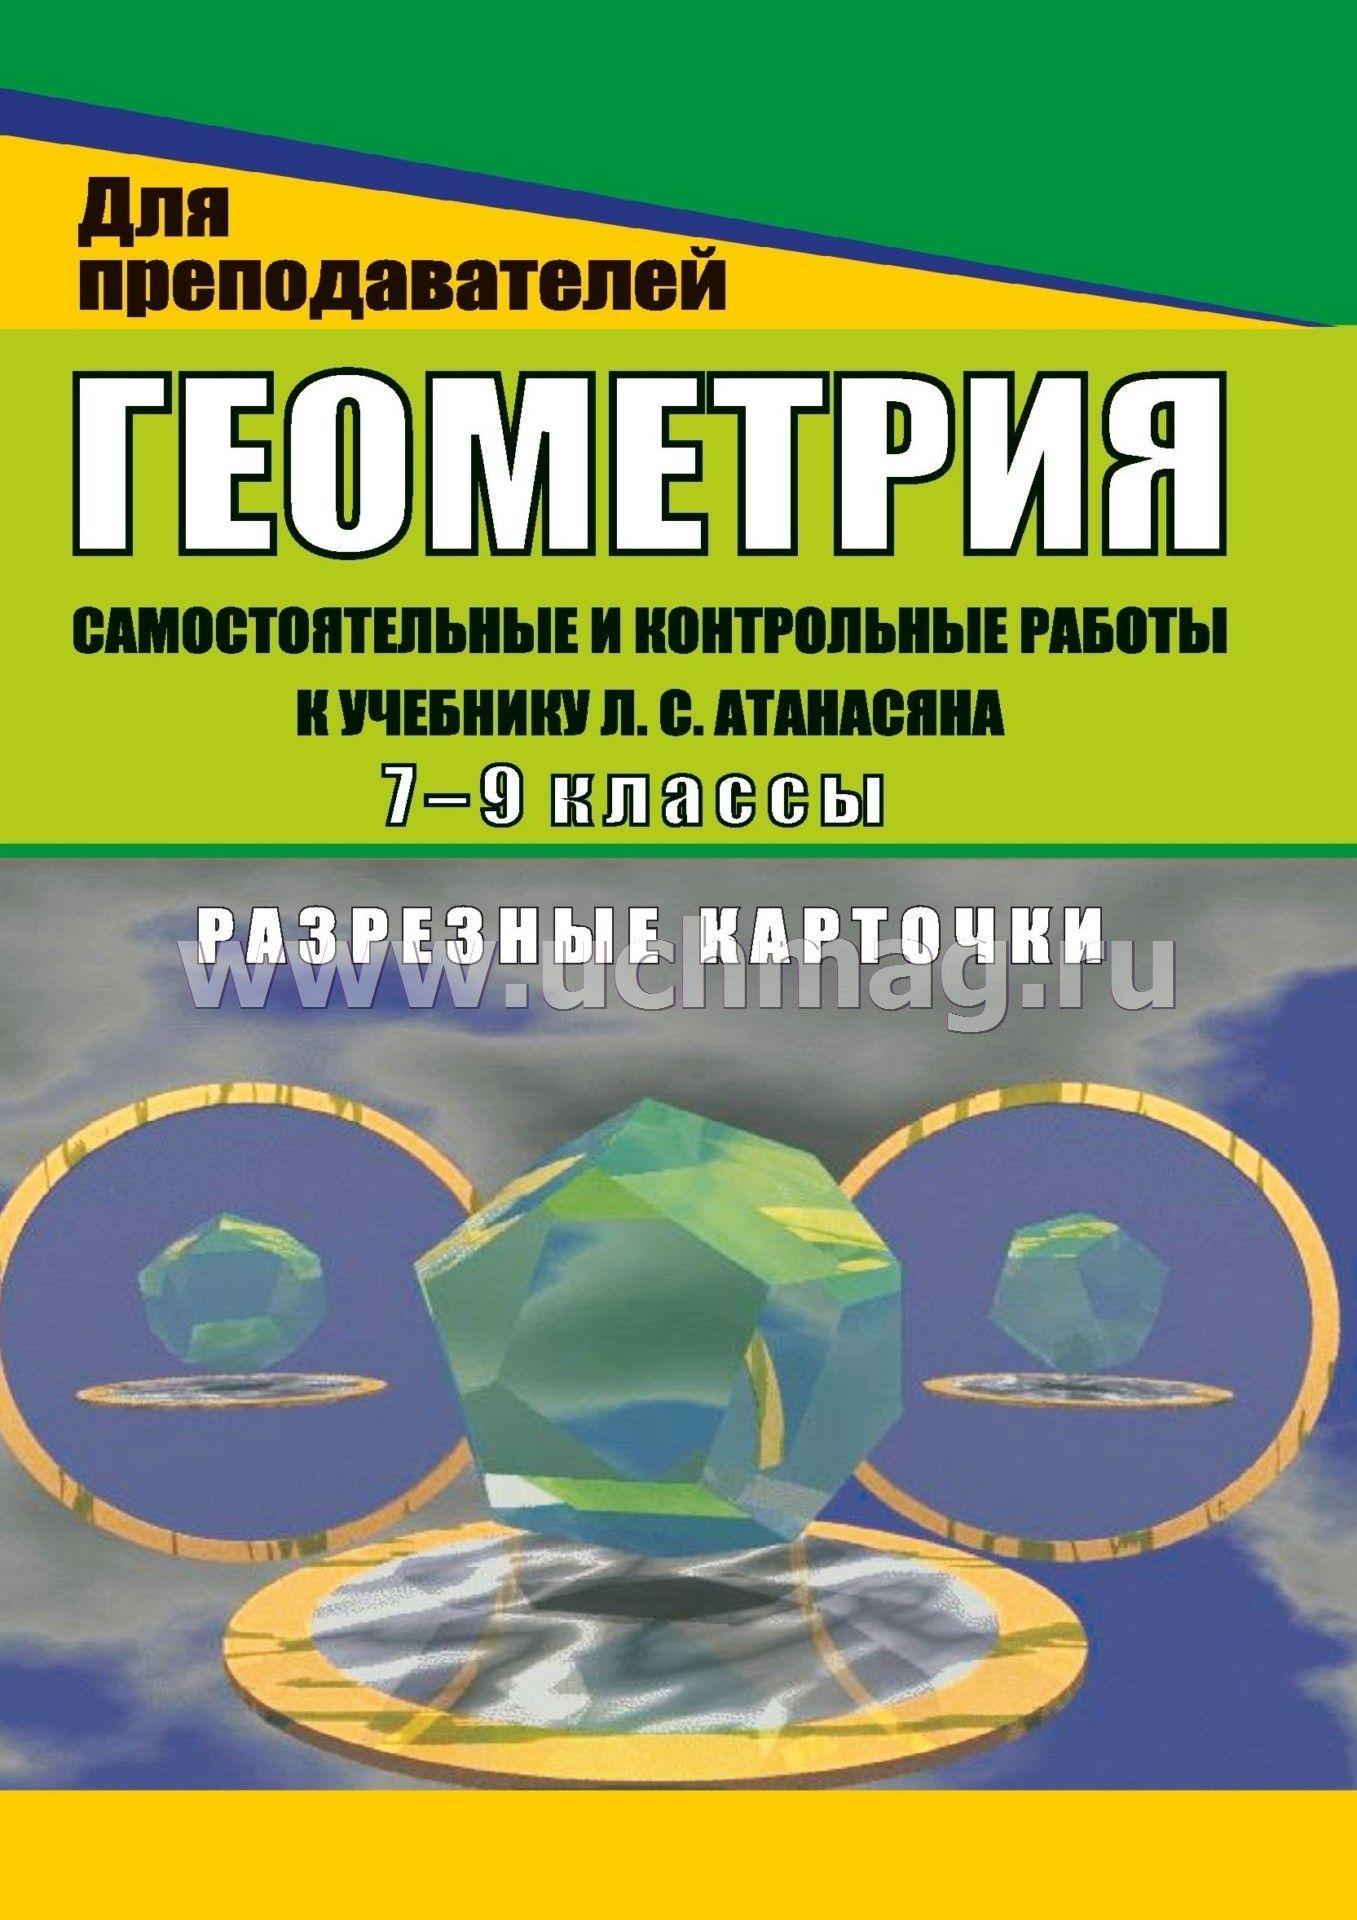 геометрия м.а. иченская гдз